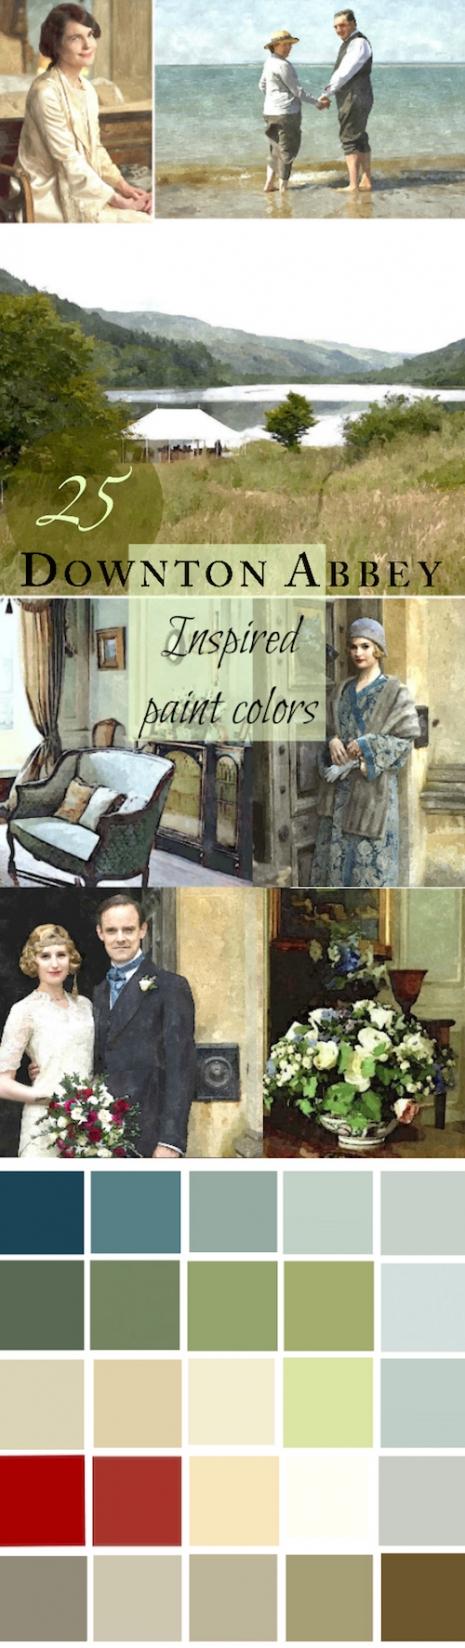 A 25 Color Whole House Paint Palette